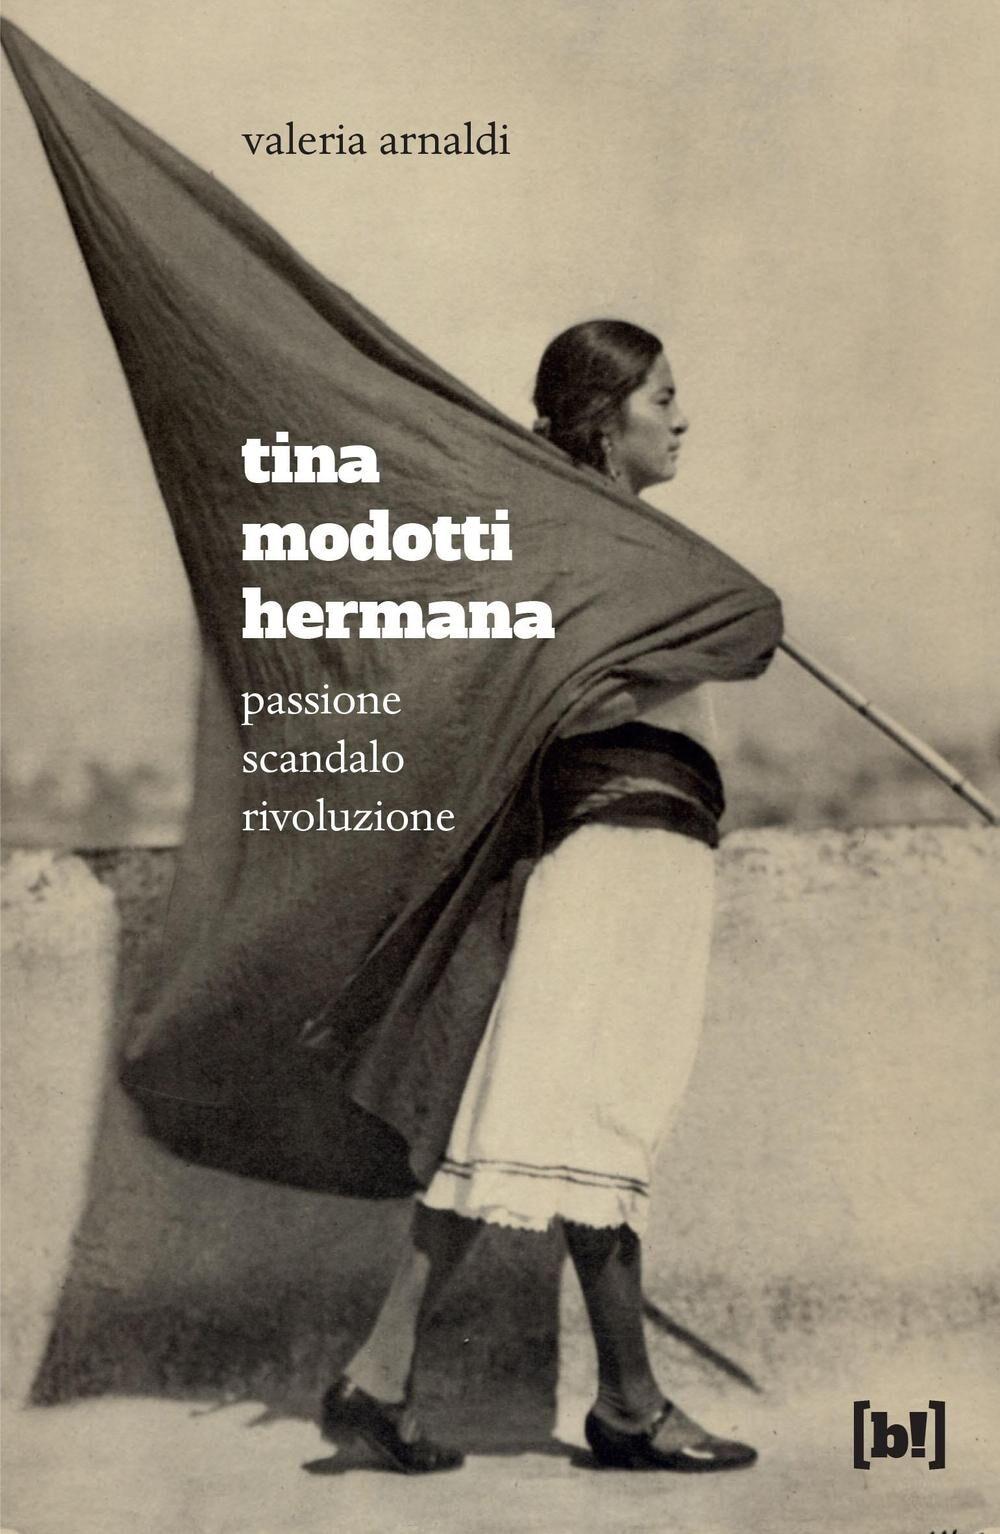 Tina Modotti hermana. Passione, scandalo, rivoluzione